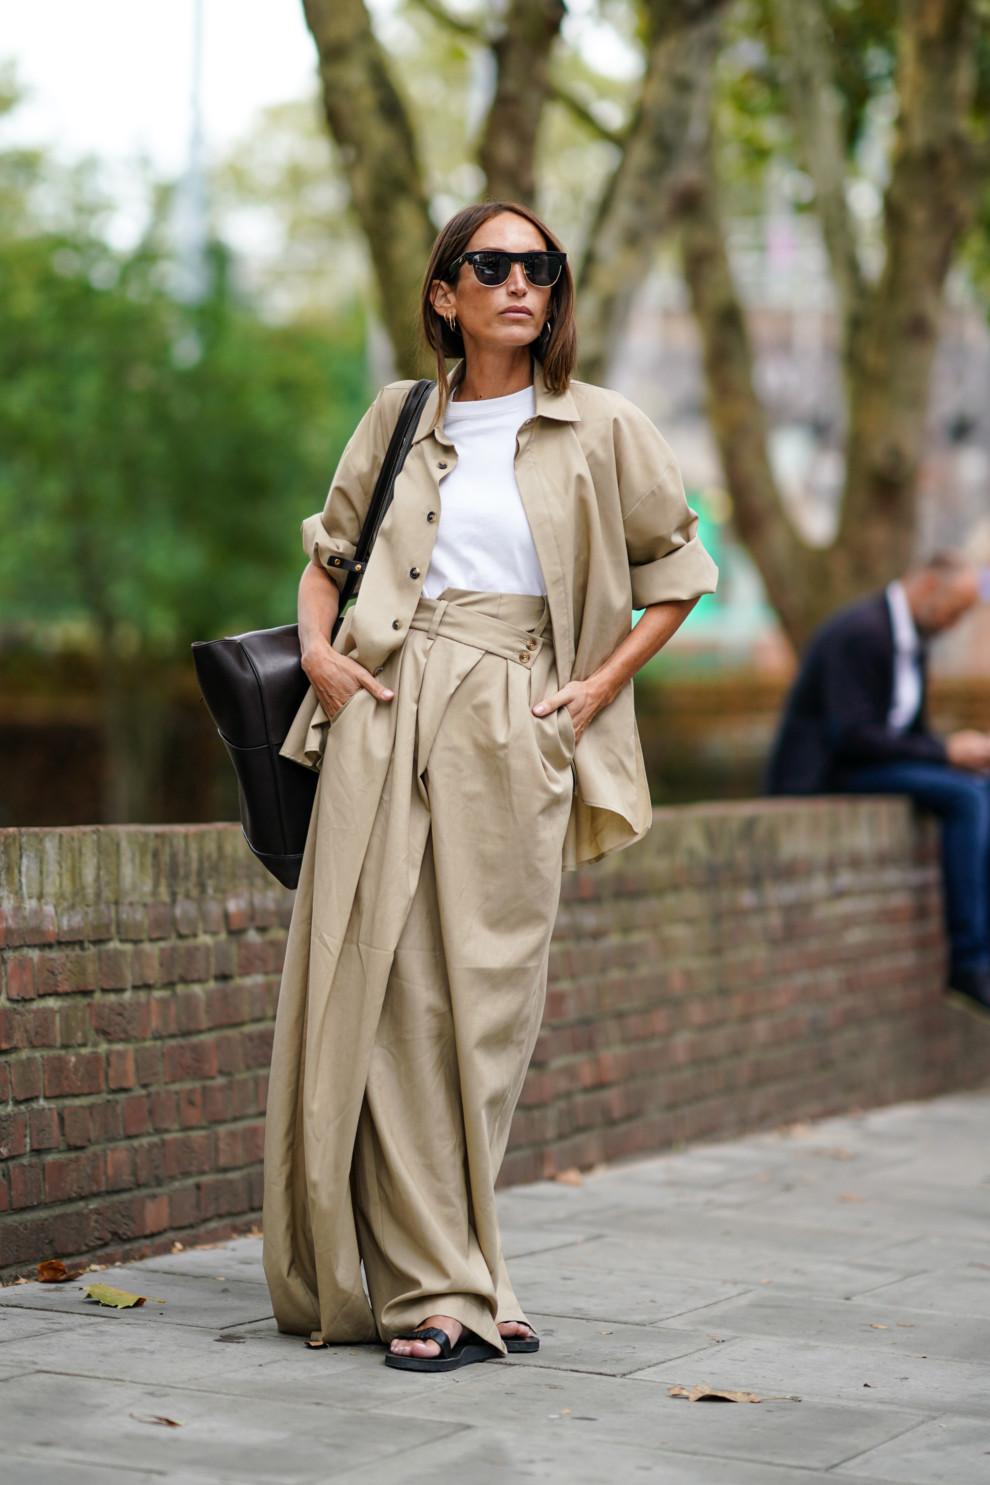 Хлоя Харруш во время Недели моды в Лондоне, сентябрь 2019